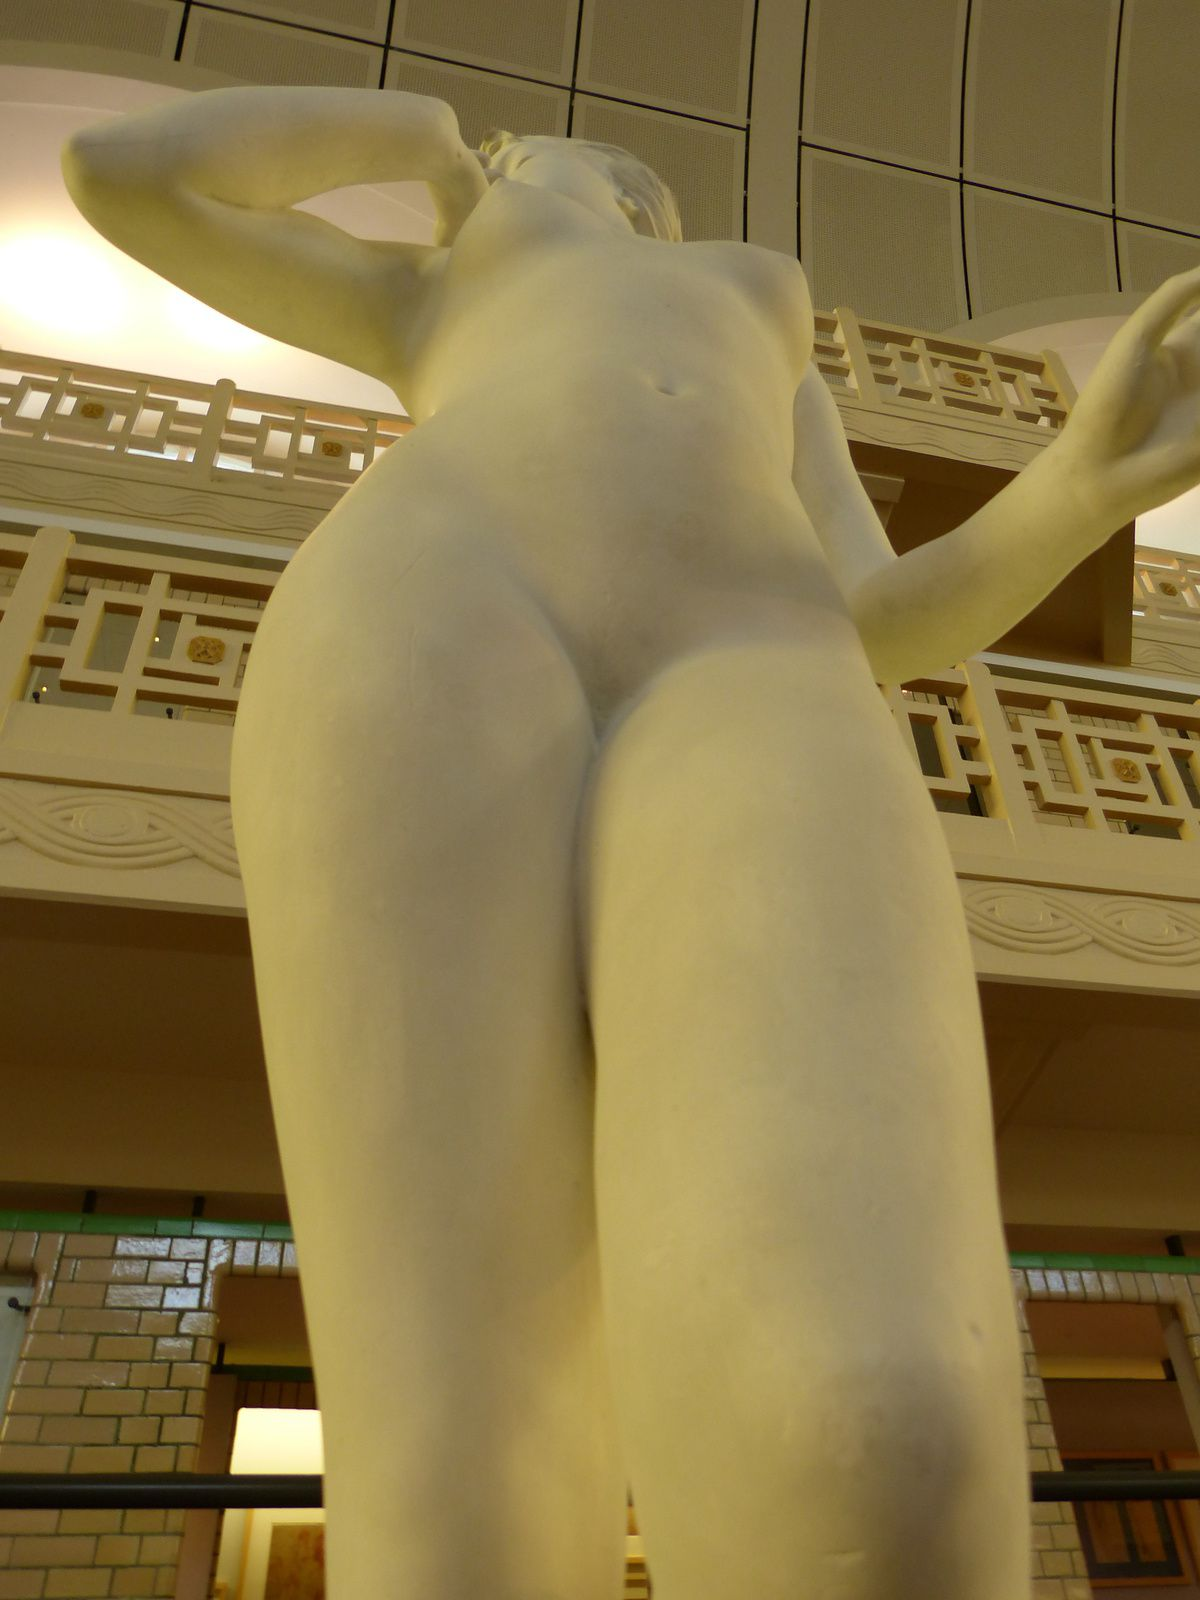 EXTRAORDINAIRE INITIATIVE que d'avoir transformée cette ancienne piscine style art-déco de ROUBAIX en un concentré d'arts sous toutes ses formes....